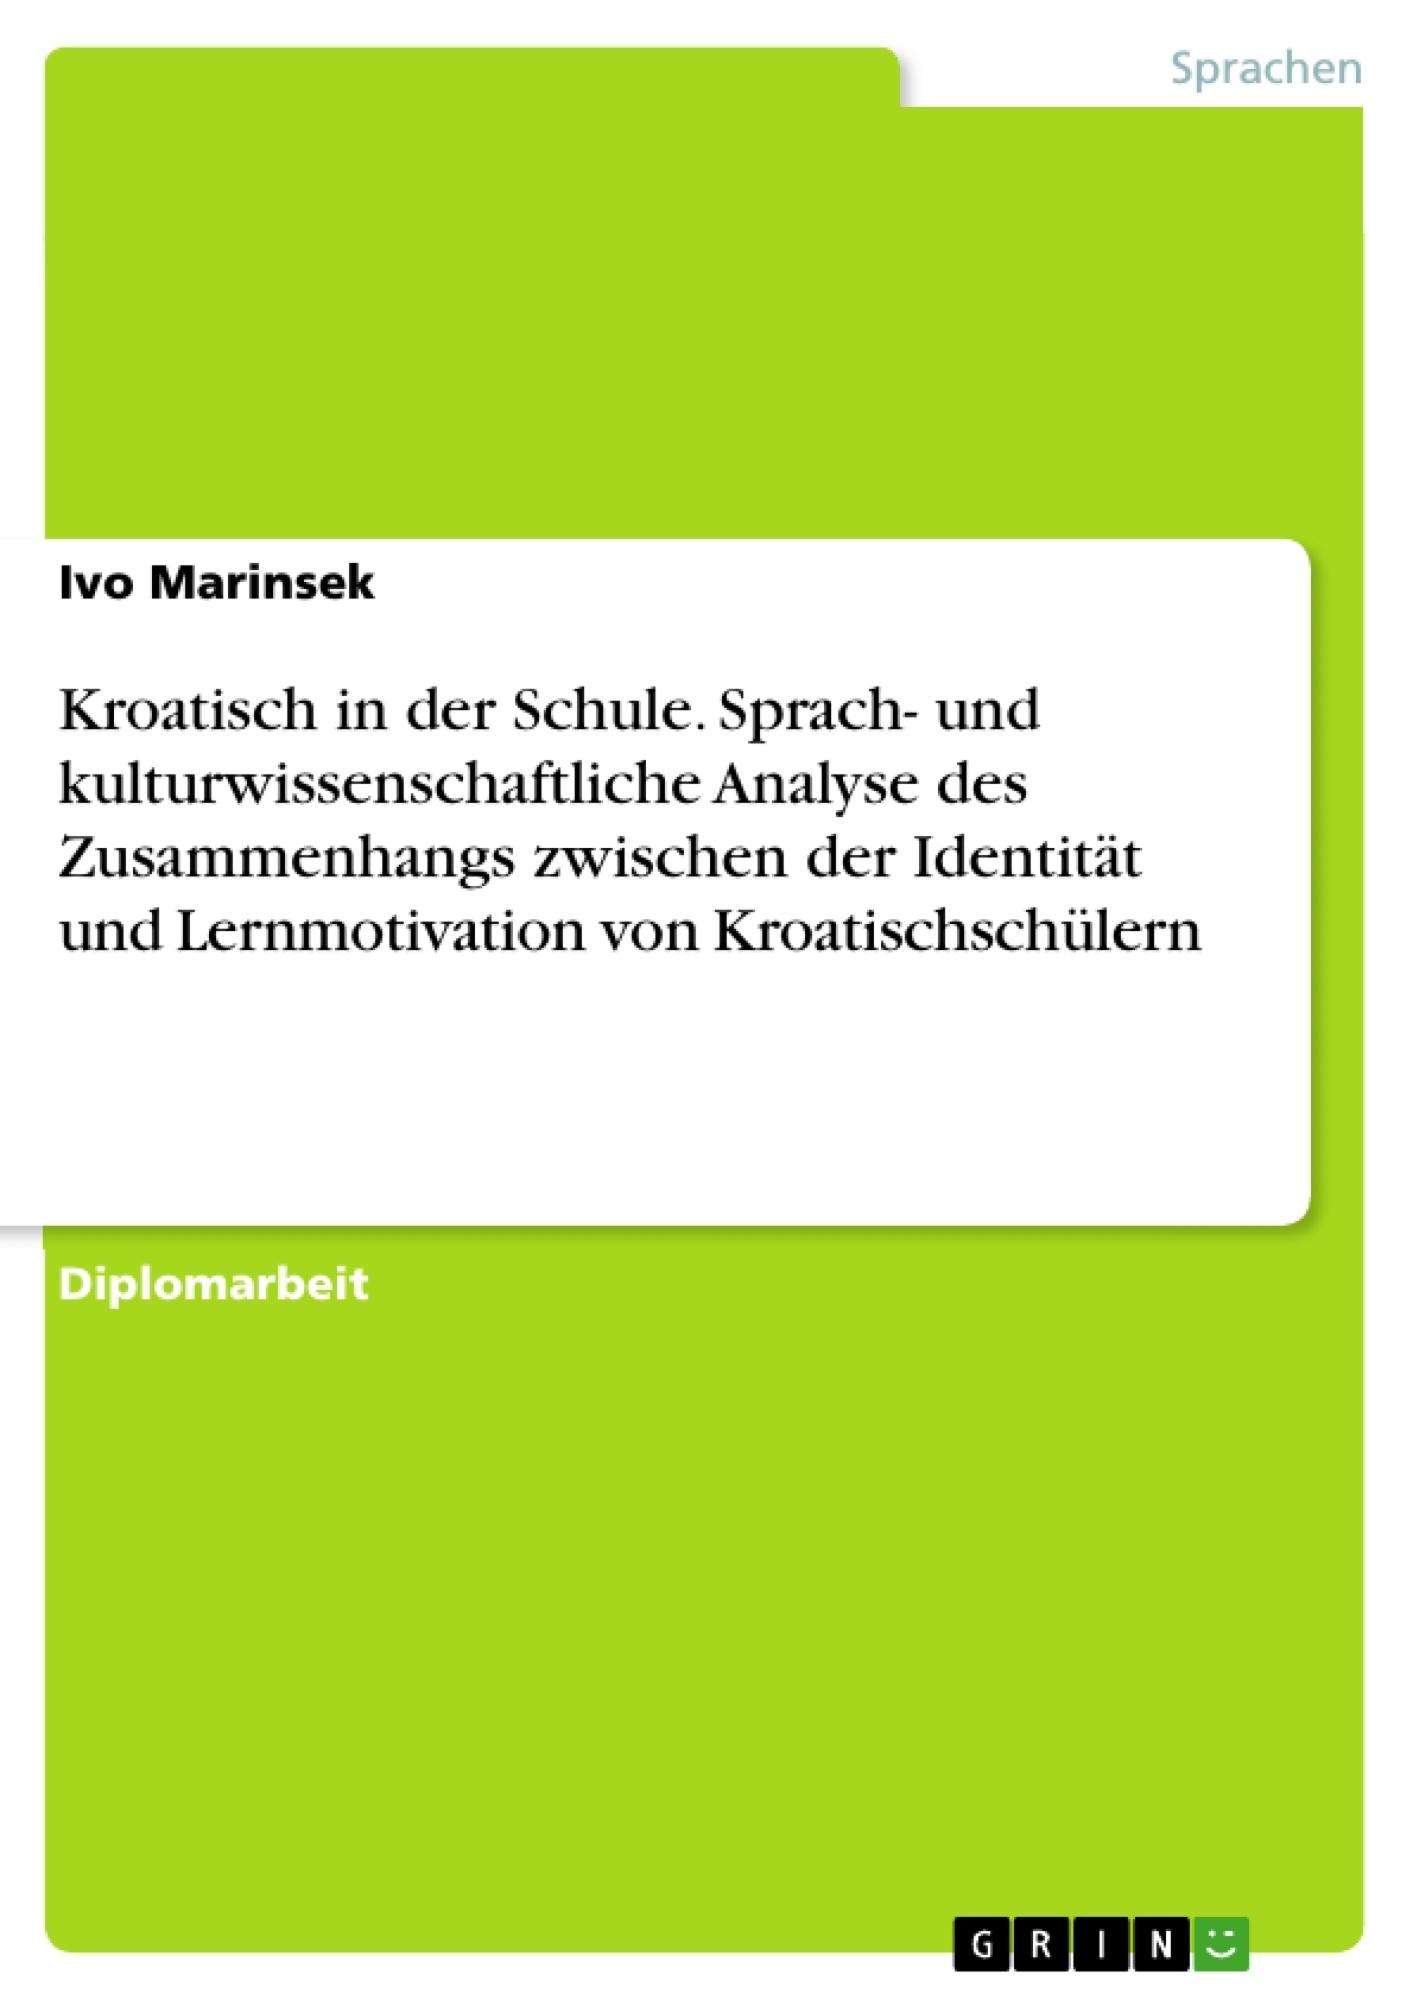 Titel: Kroatisch in der Schule. Sprach- und kulturwissenschaftliche Analyse des Zusammenhangs zwischen der Identität und Lernmotivation von Kroatischschülern